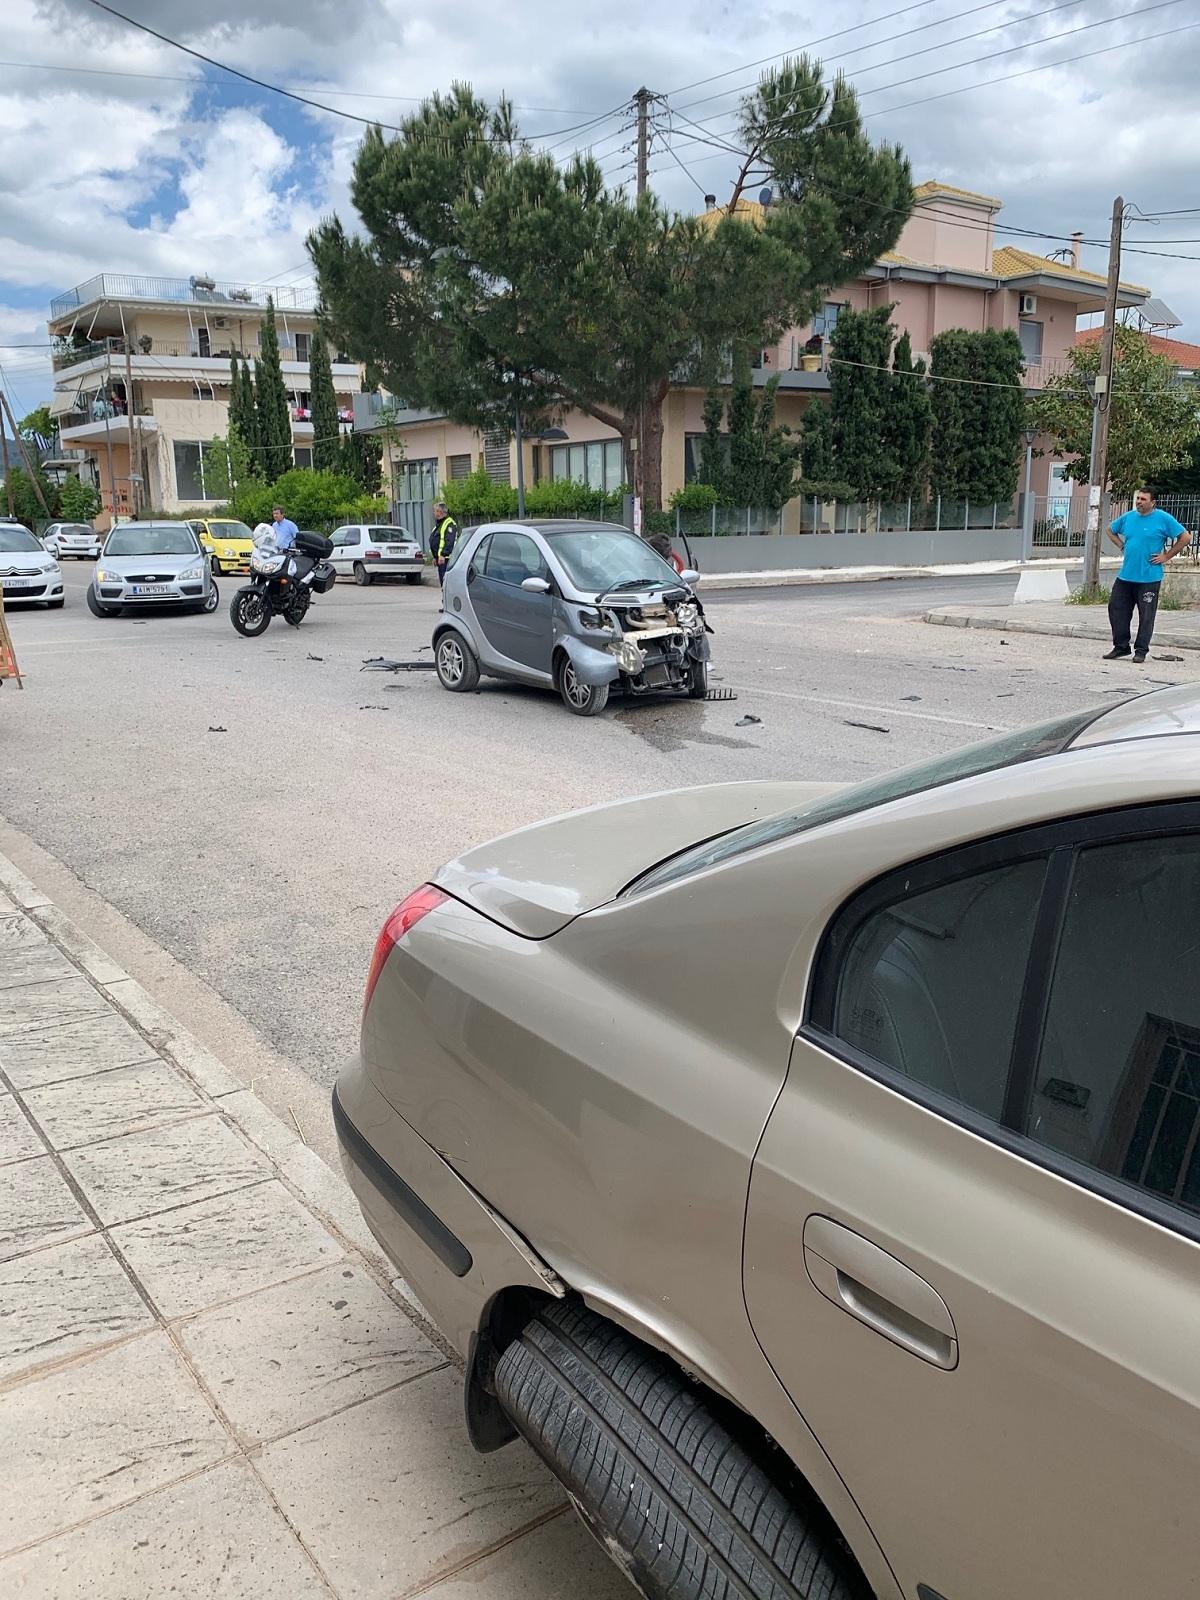 Ζημιές σε πέντε οχήματα από τροχαίο στο Αγρίνιο